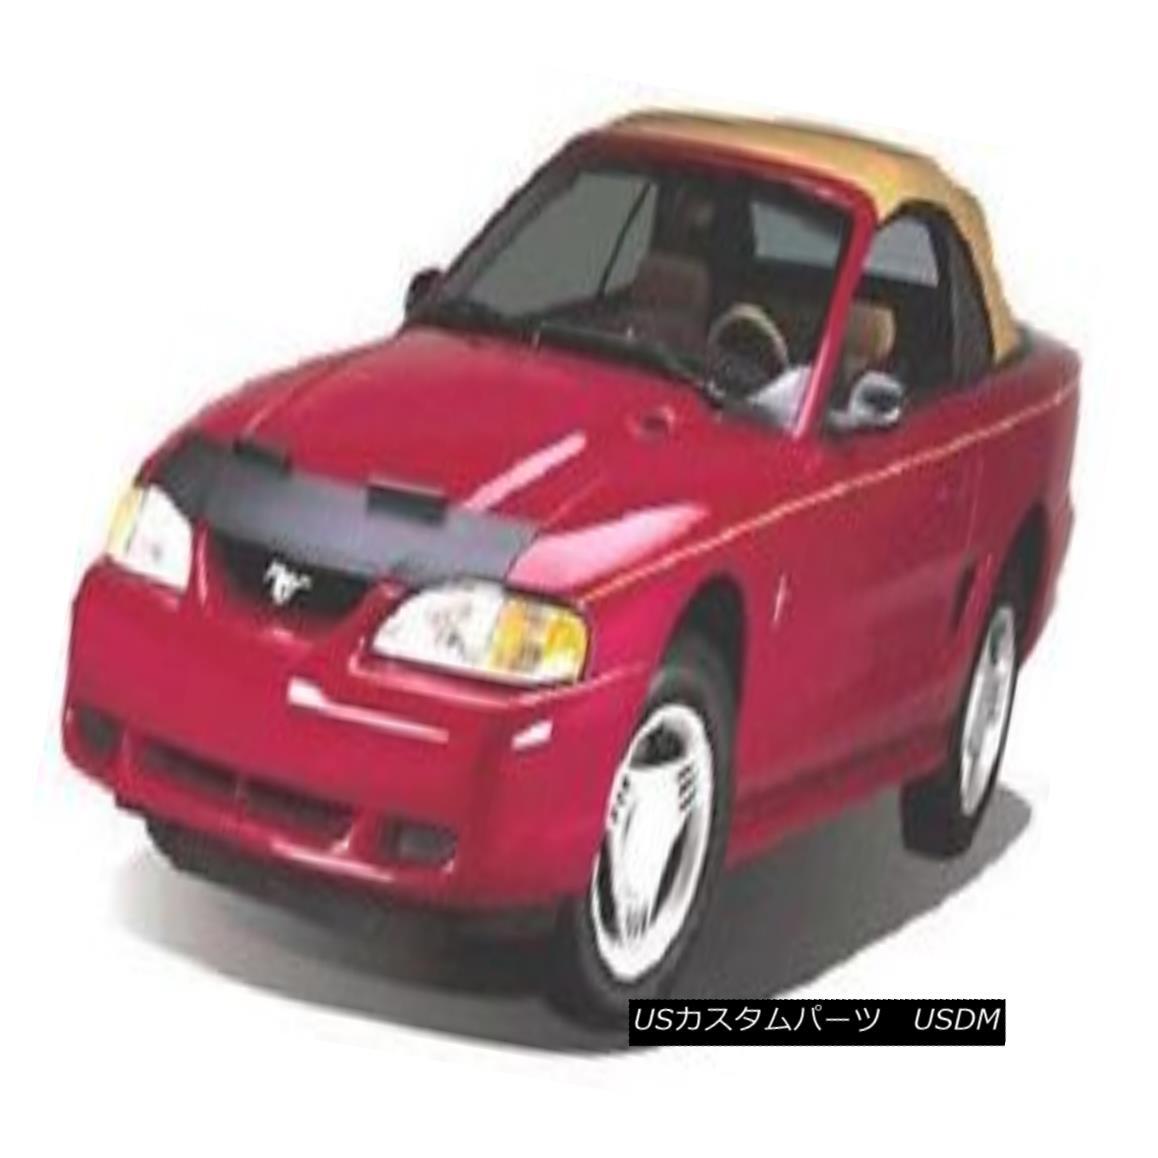 フルブラ ノーズブラ Mini Mask Bra Hood Protector Fits Dodge Journey 2009-2010 0910 ミニマスクブラジャーのフードプロテクターはドッジジャーニーにフィット2009-2010 0910